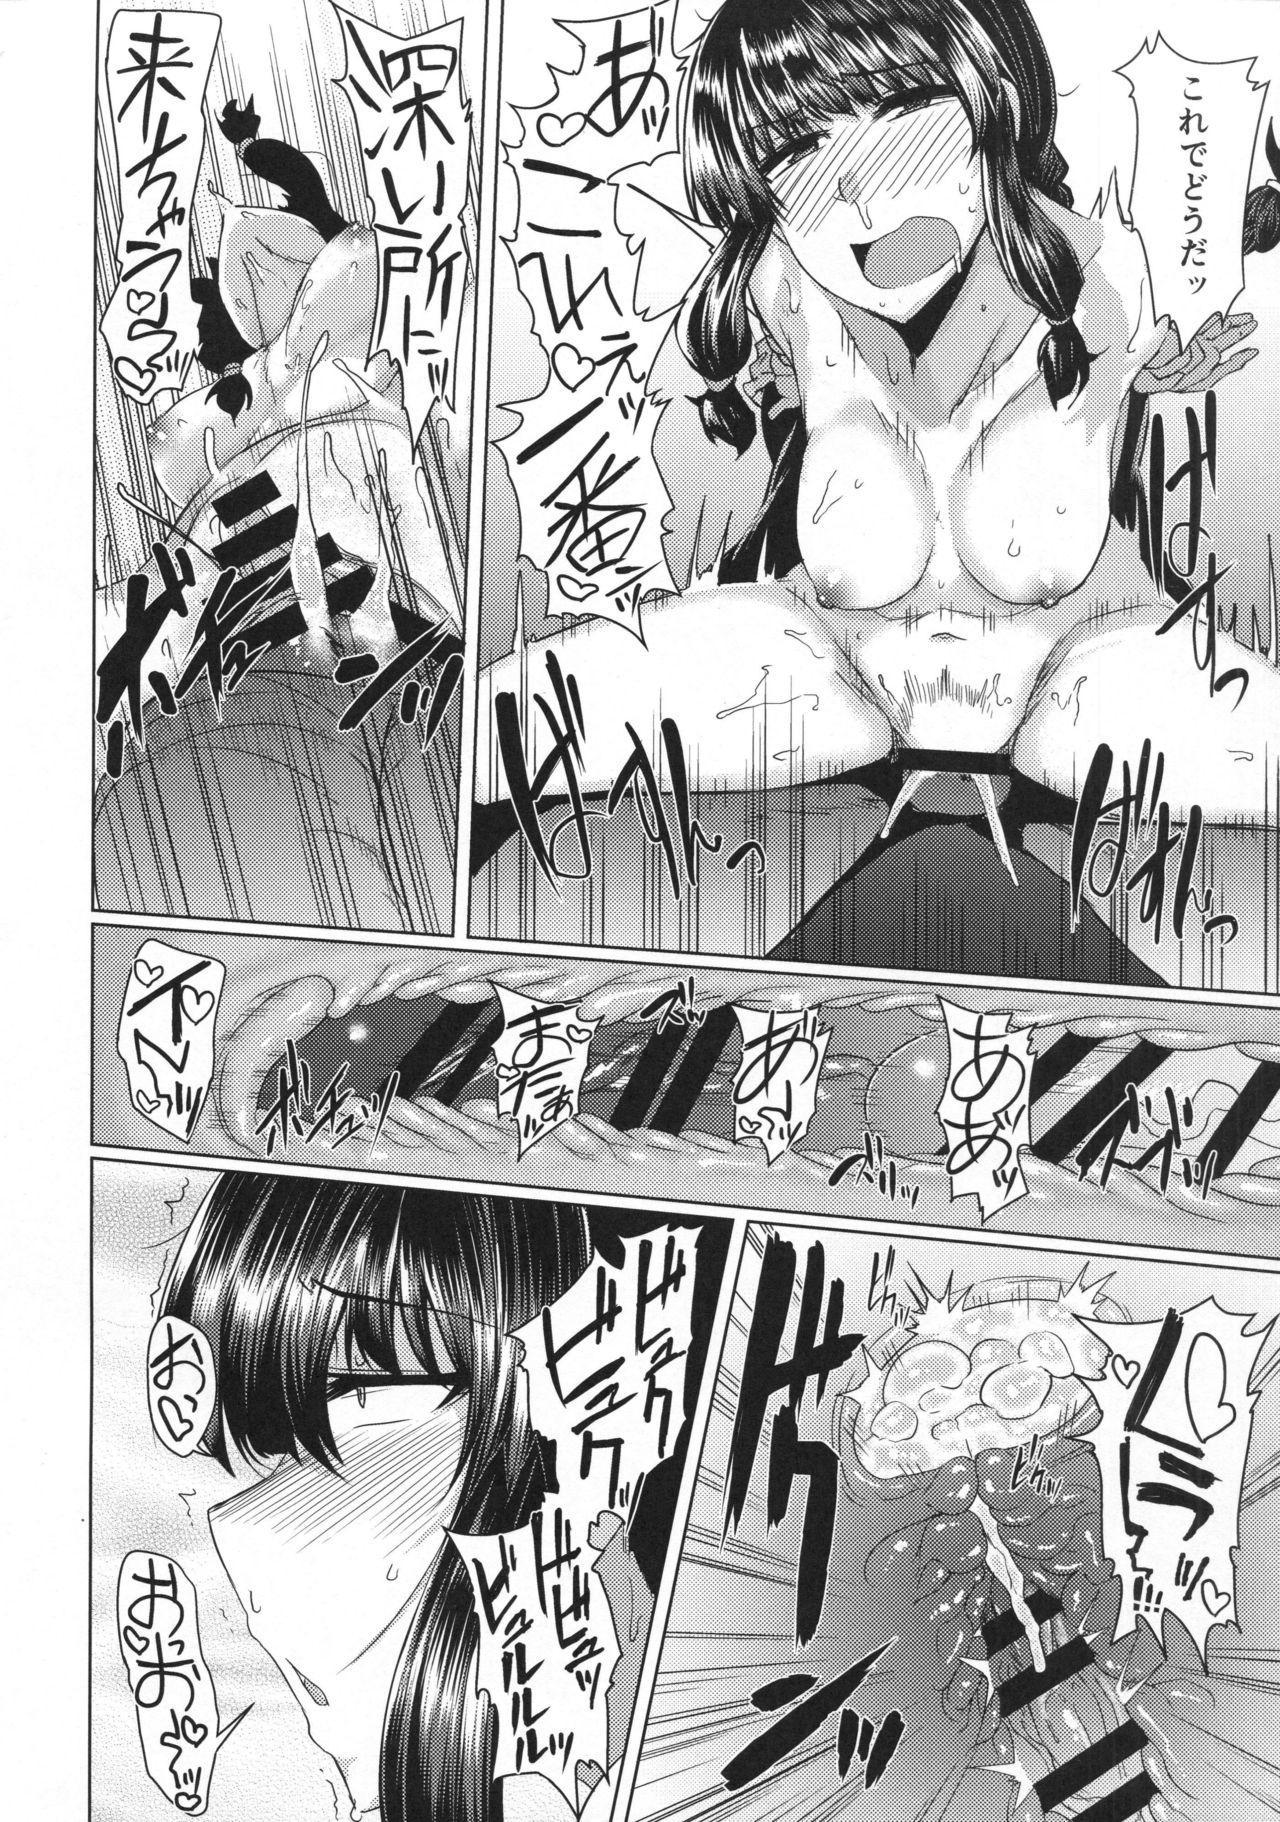 Kitakami-sama to H suru Hon sono 2 16